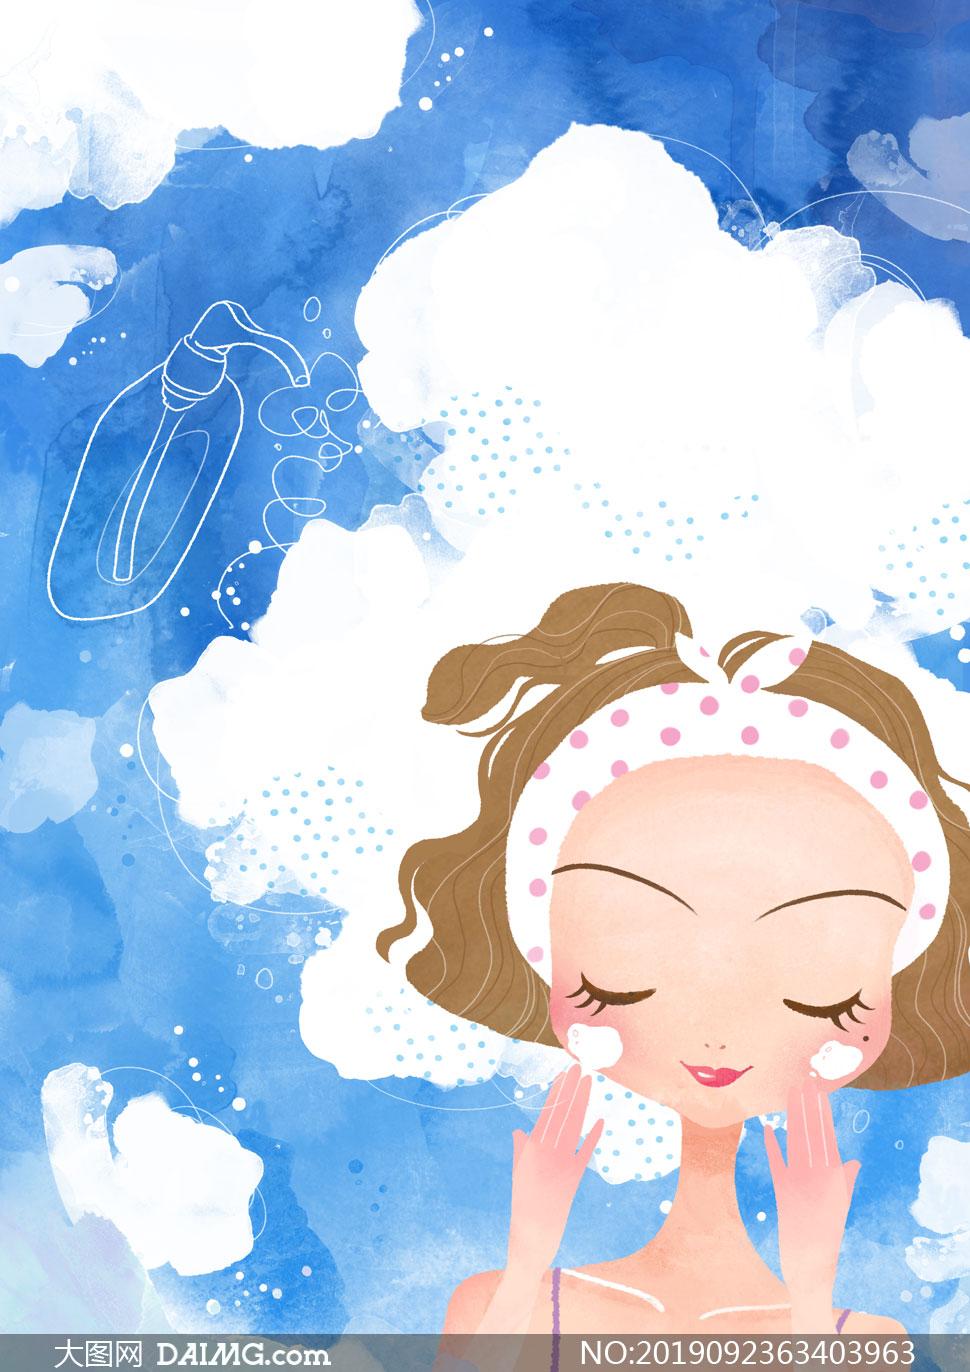 潔面護膚女孩人物插畫創意分層素材